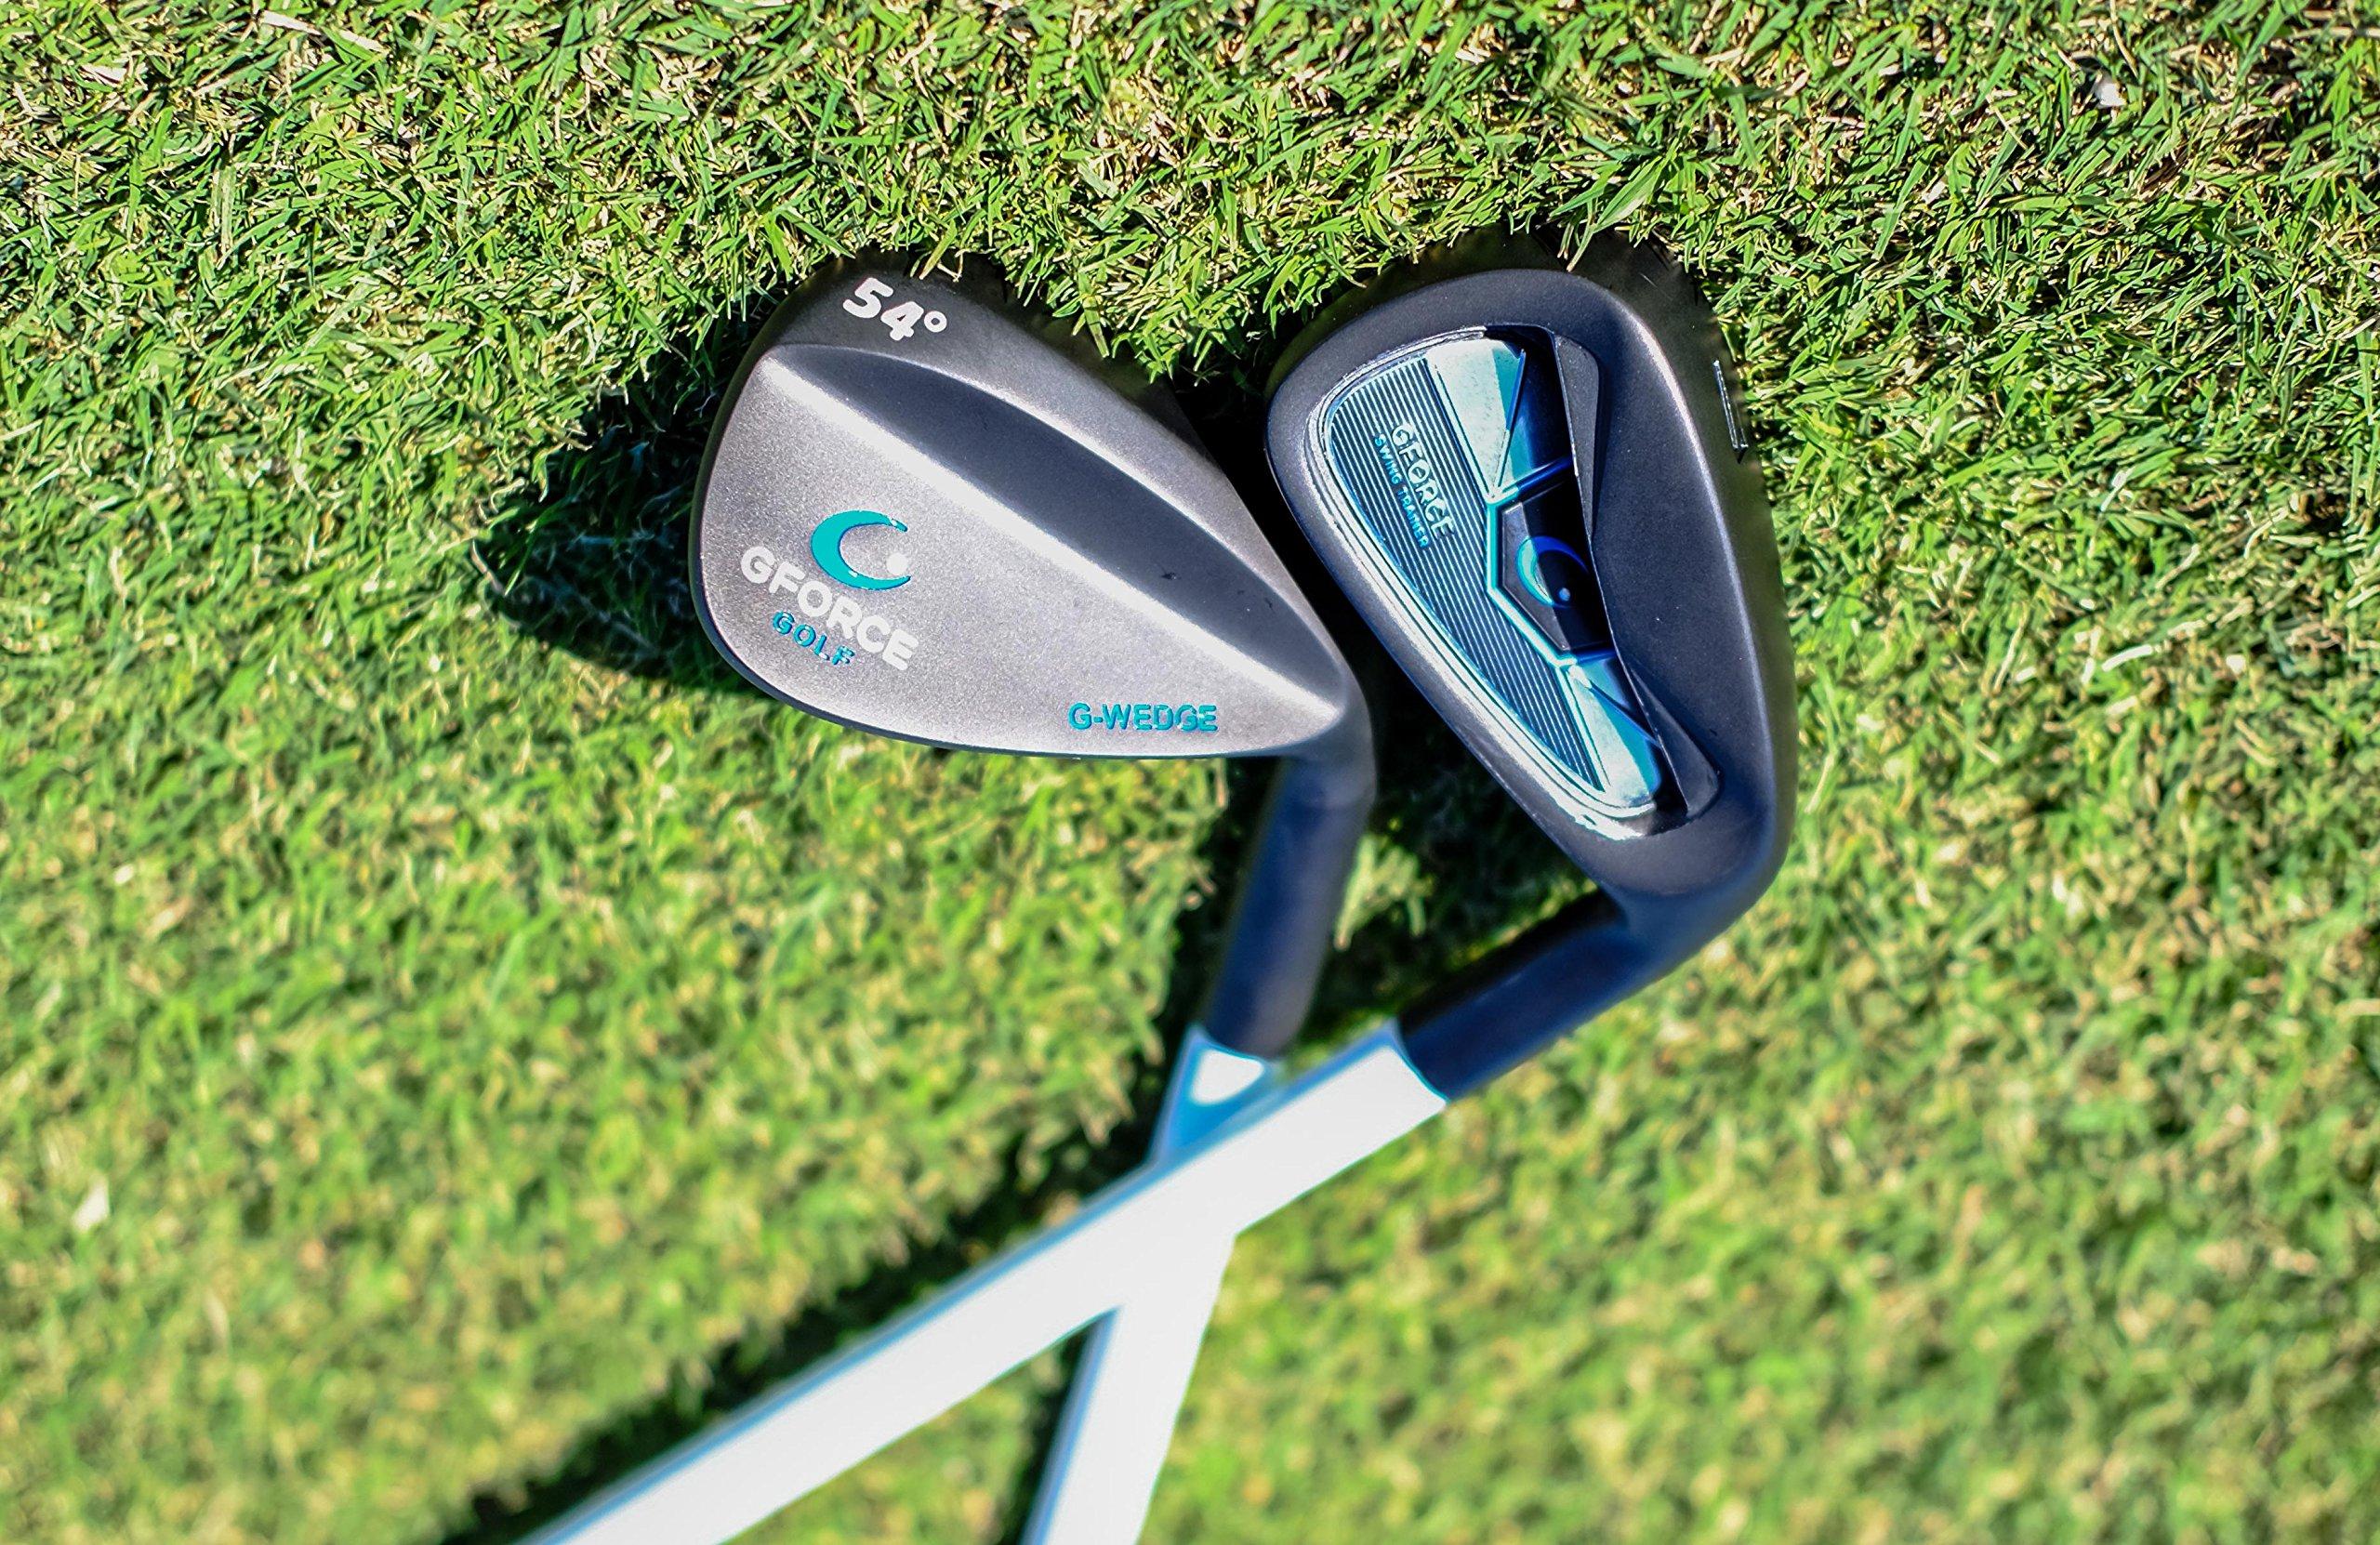 GForce Swing Trainer Bundle 7 Iron & Wedge